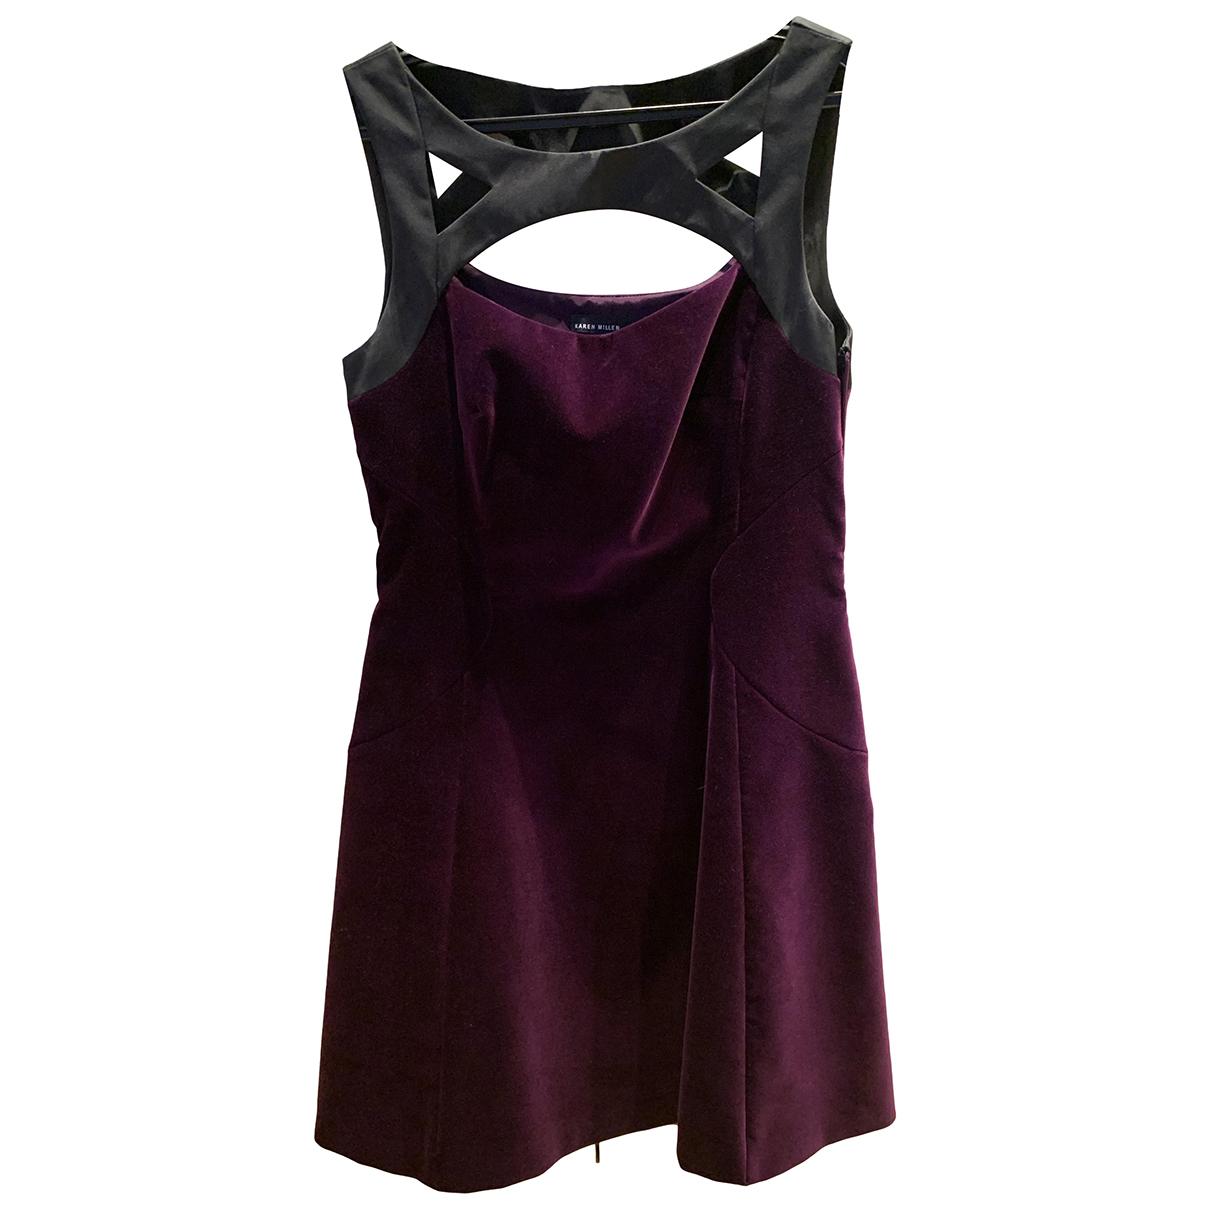 Karen Millen \N Kleid in  Lila Samt